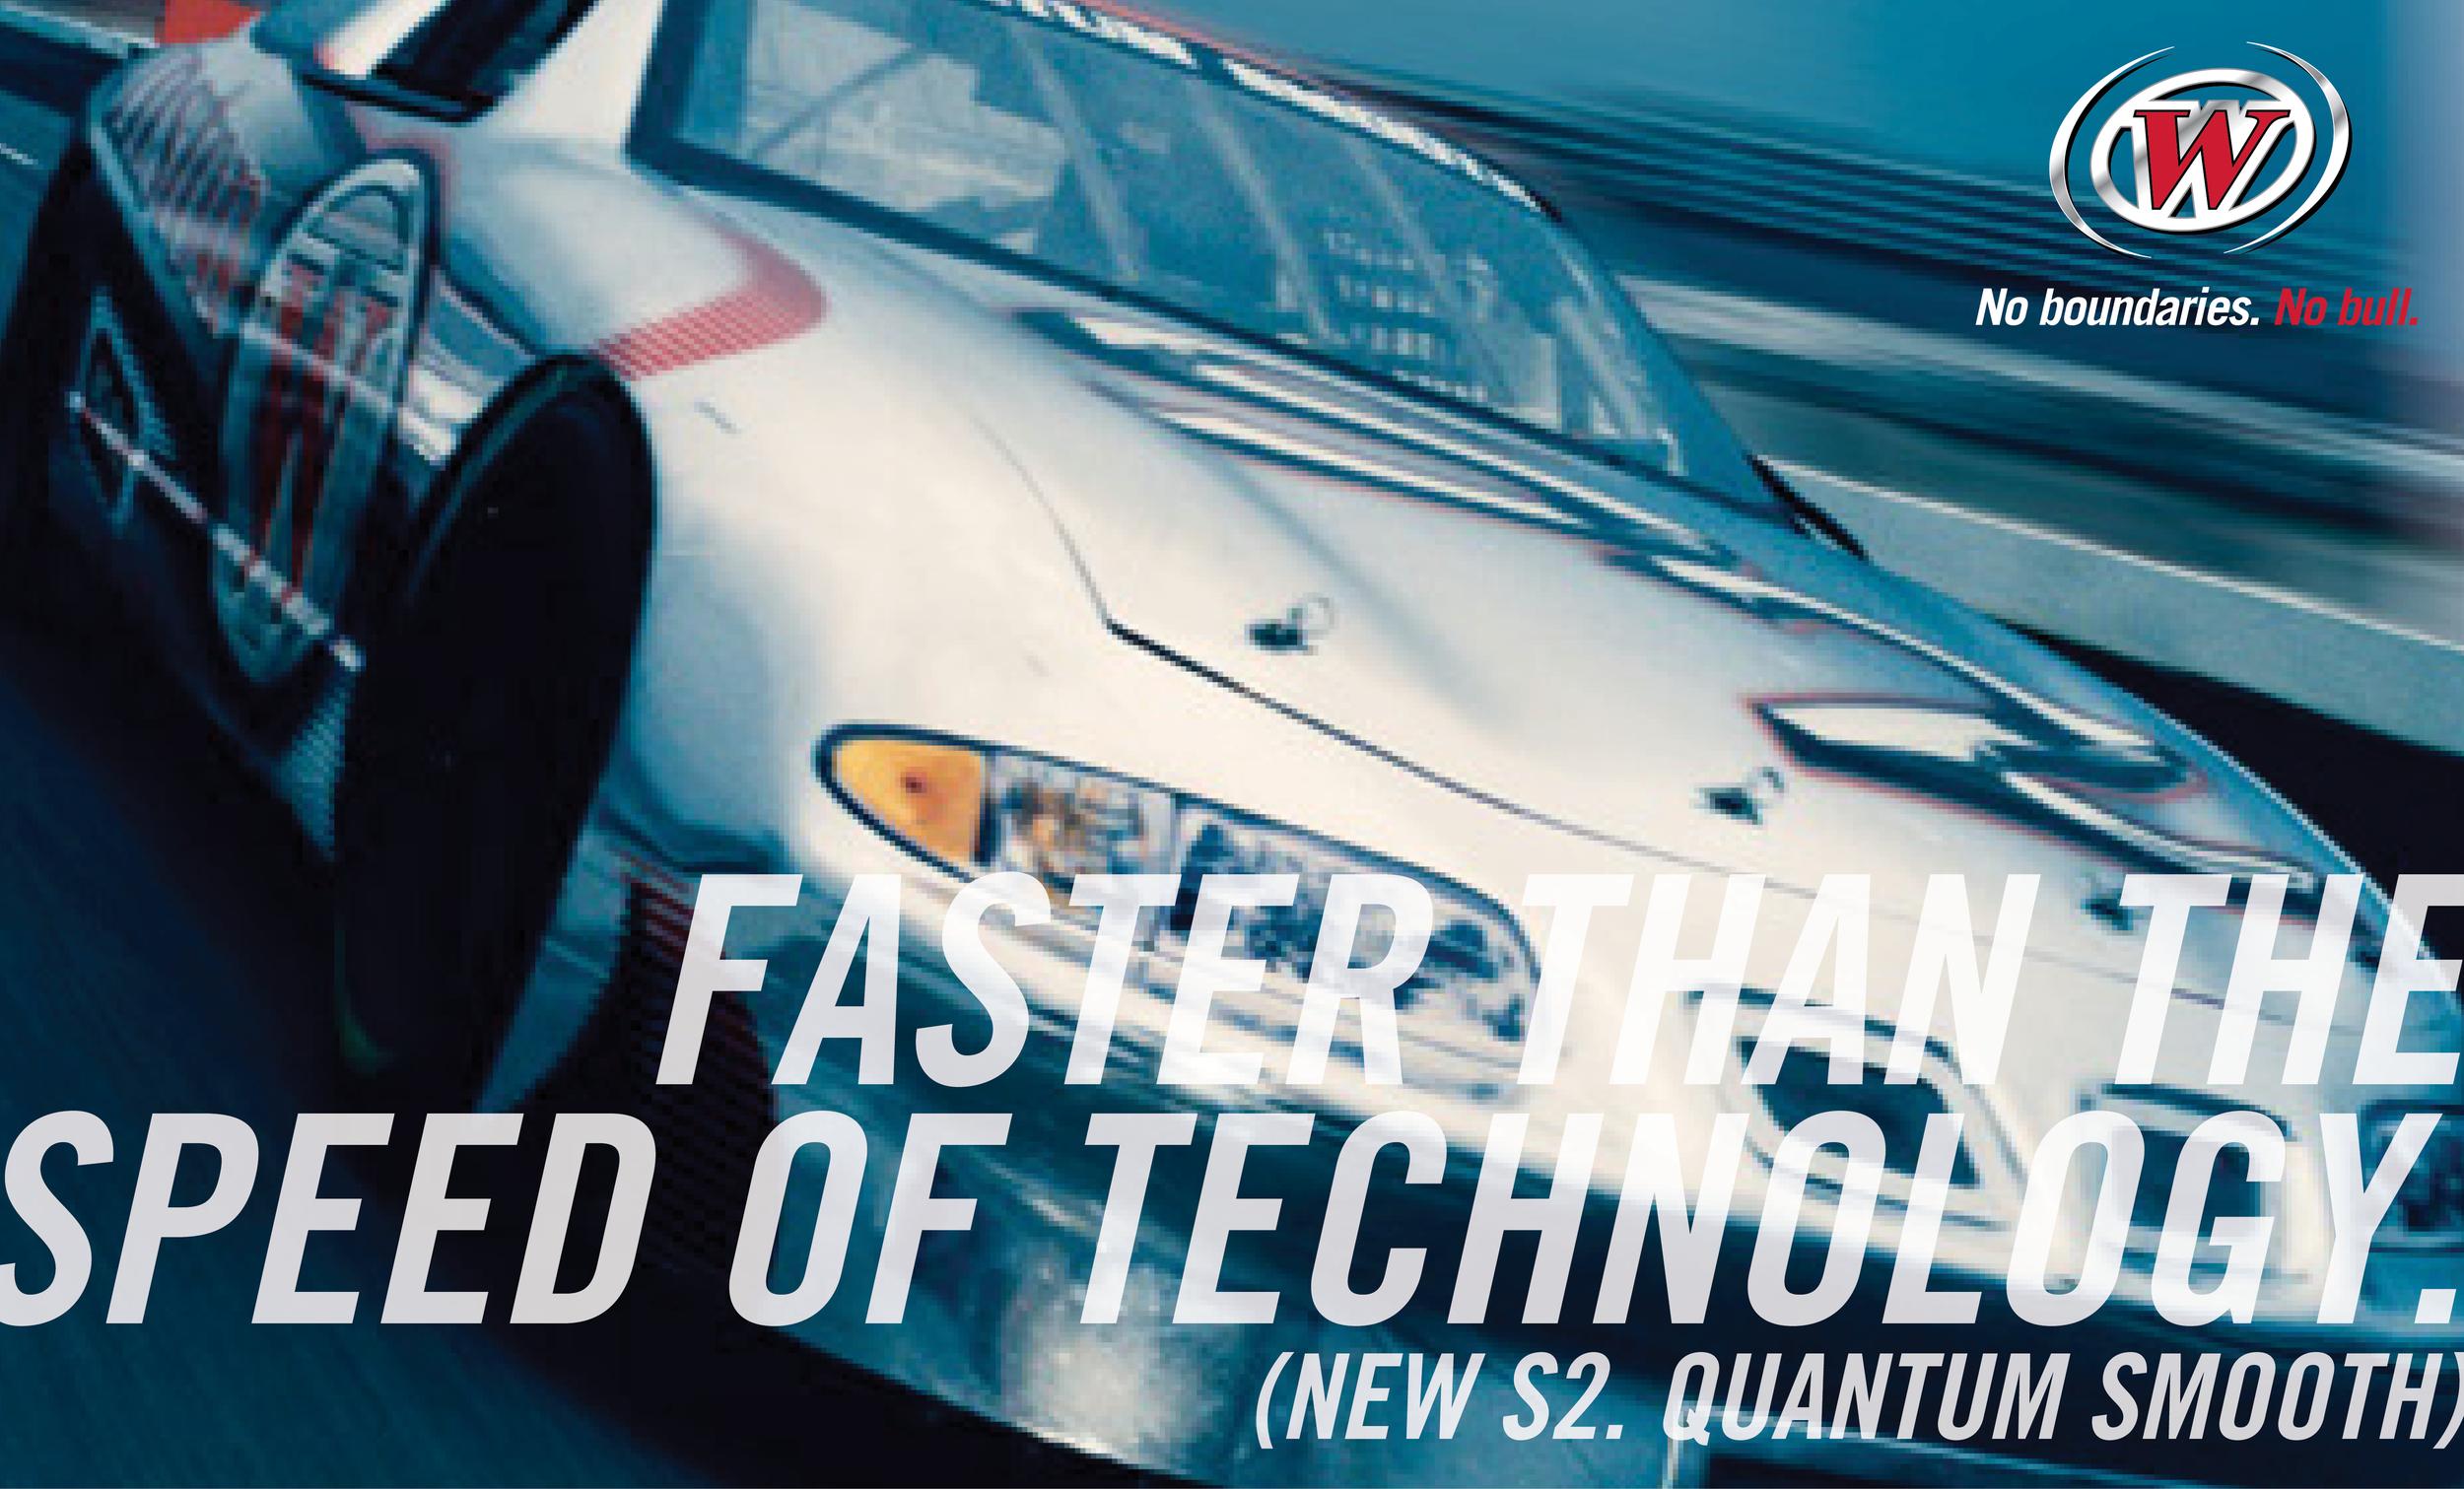 Winston_RacingAds_NewVersion2.jpg